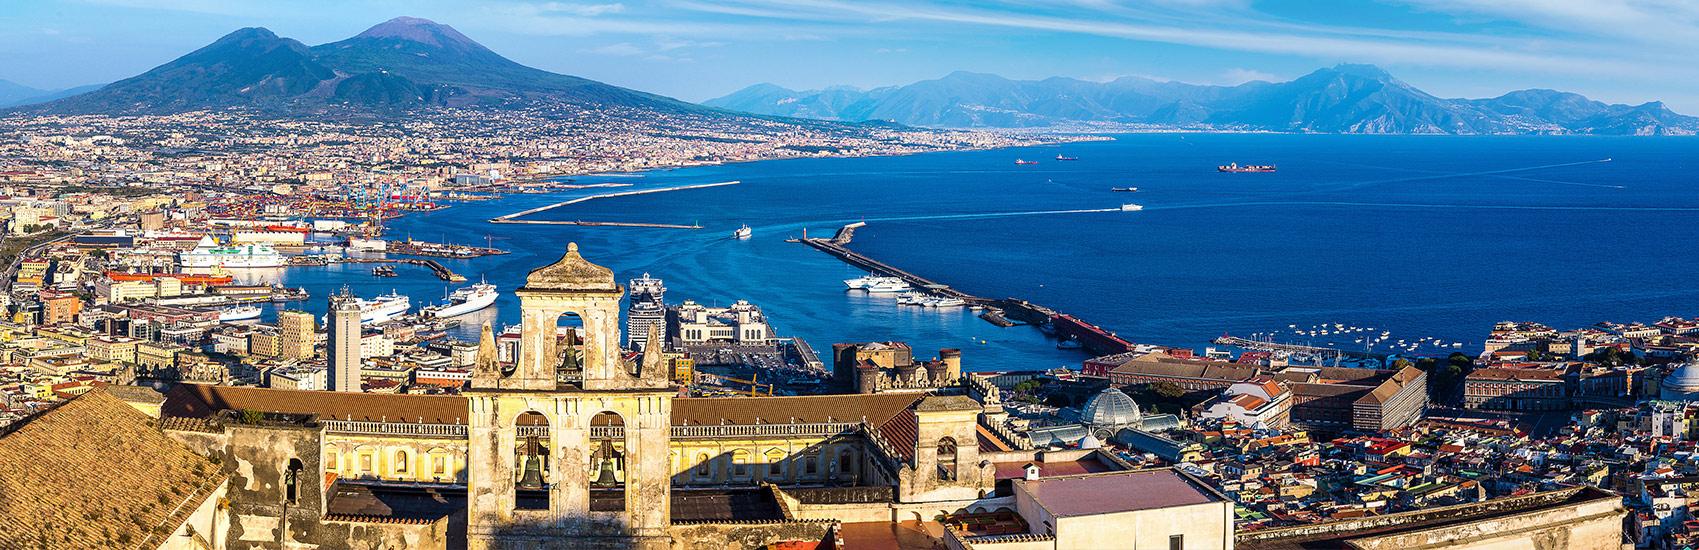 Western Mediterranean Riviera 1